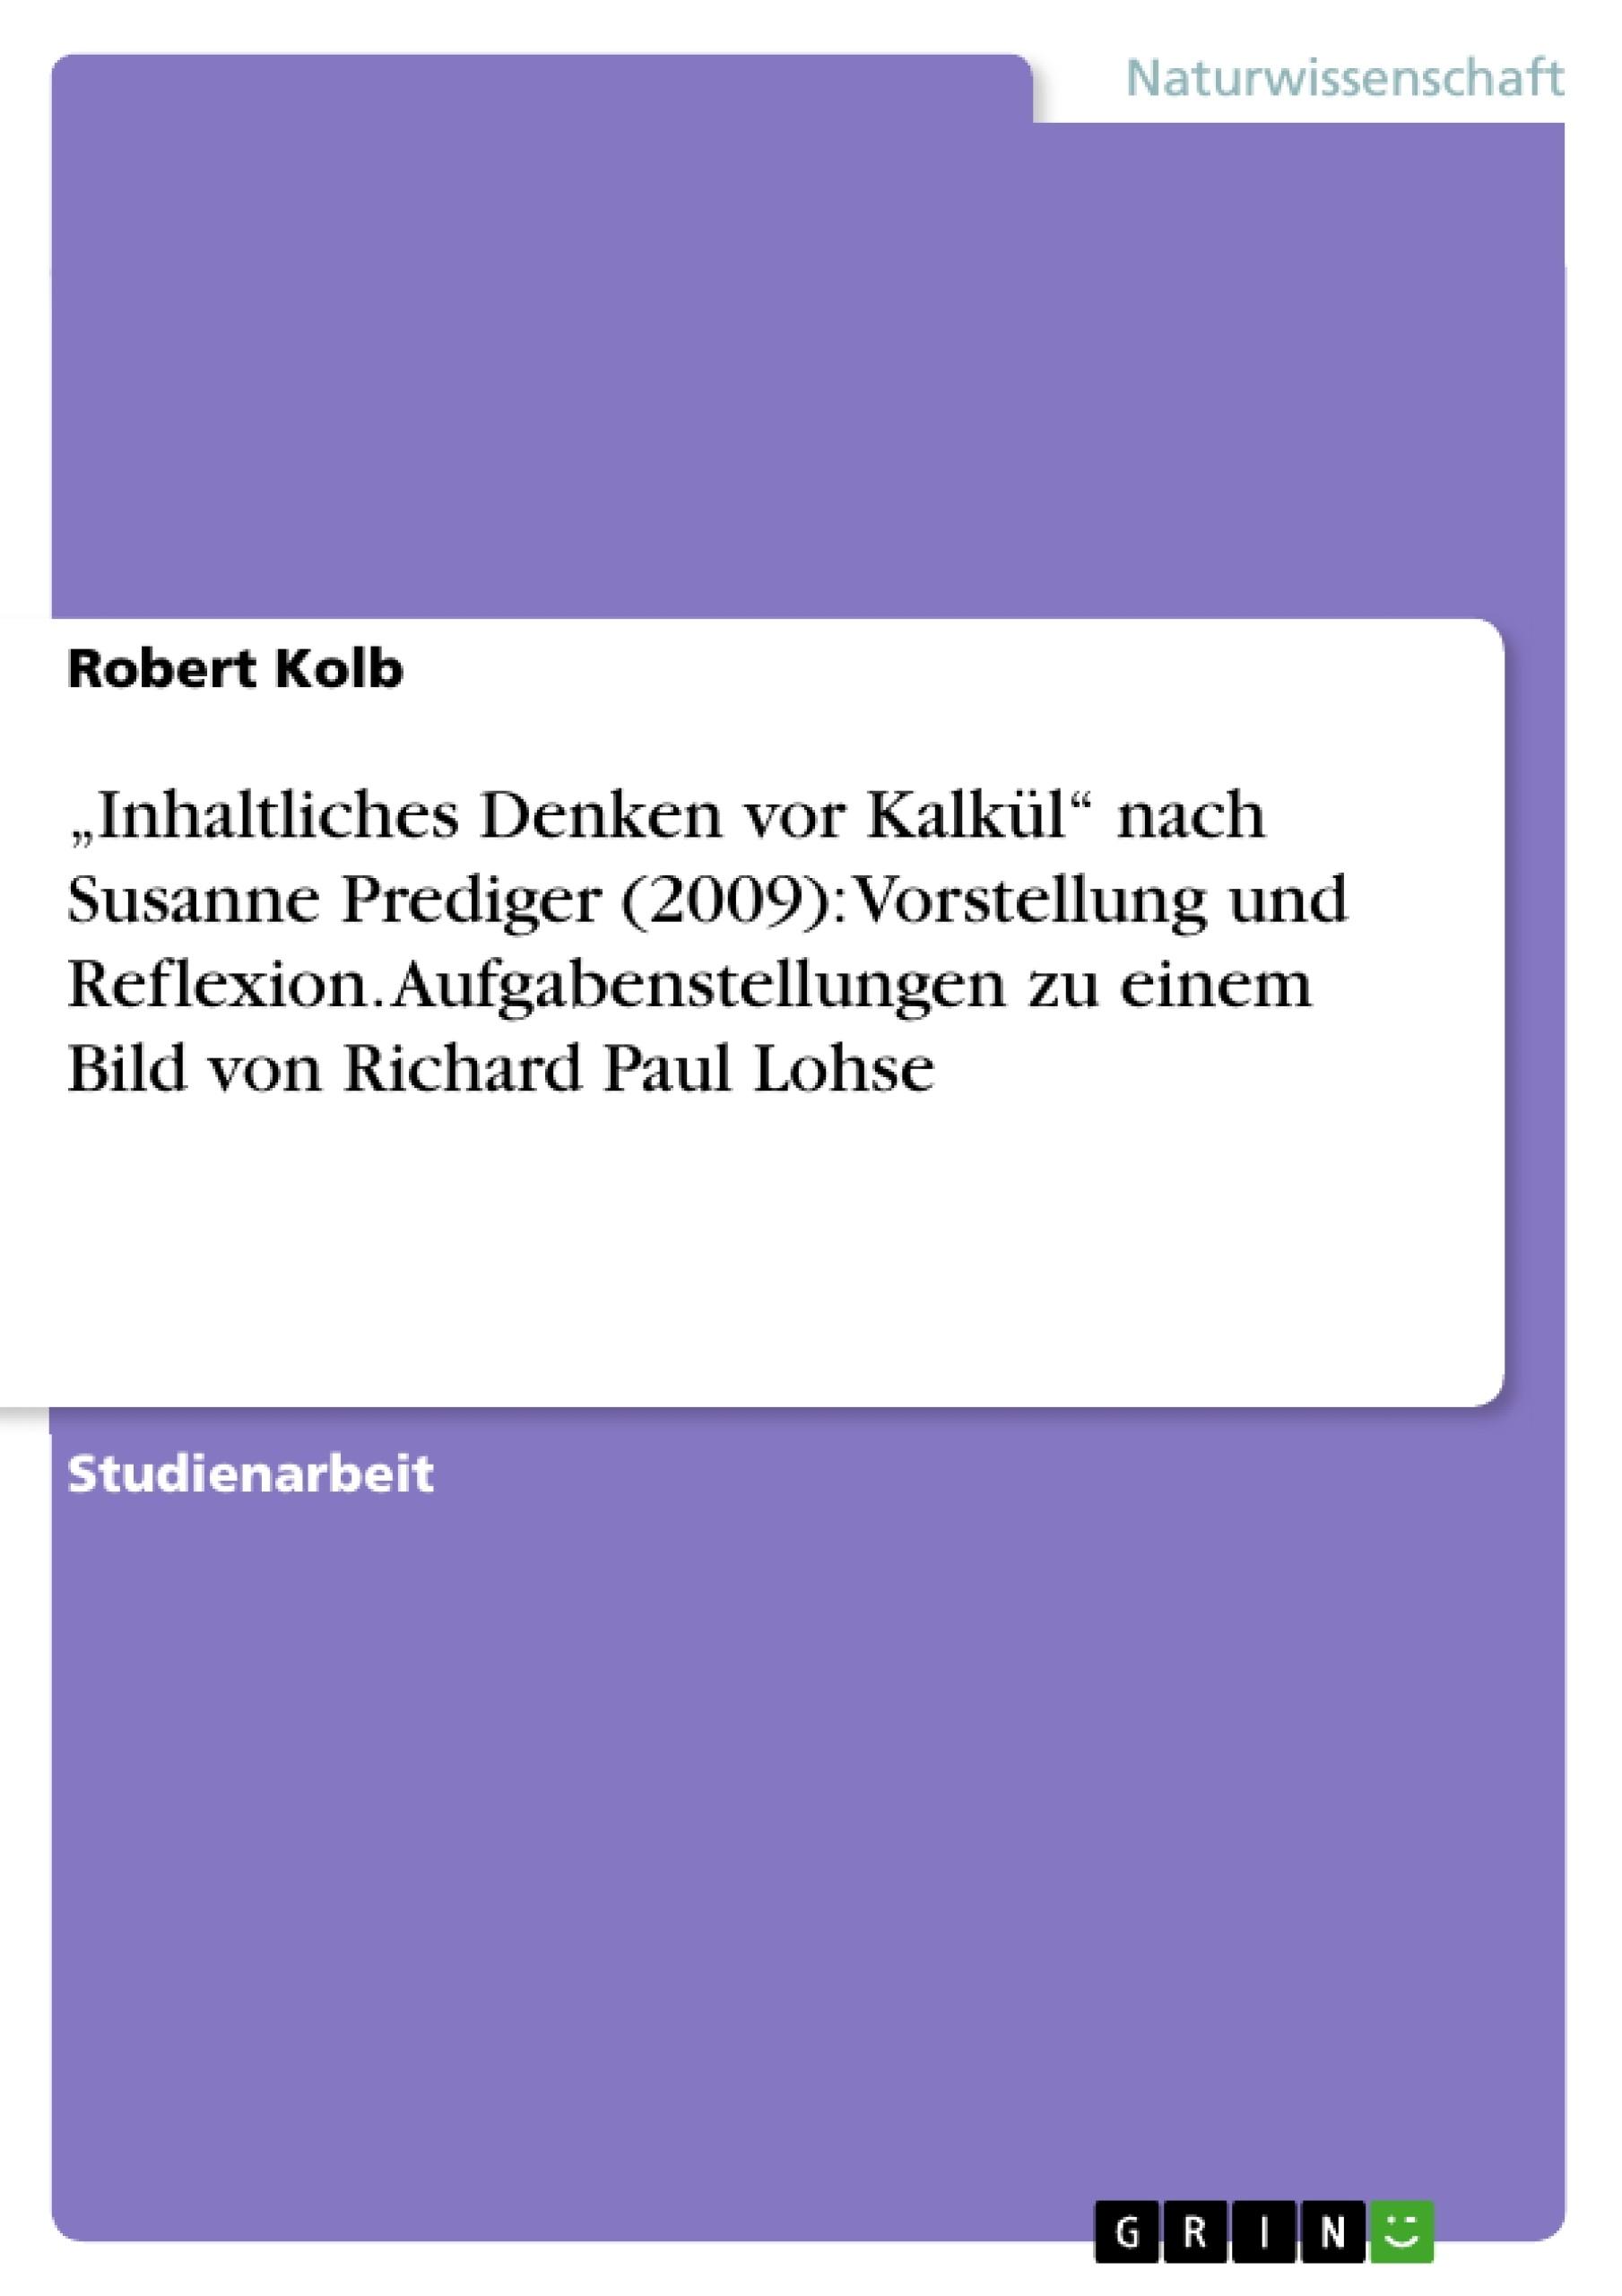 """Titel: """"Inhaltliches Denken vor Kalkül"""" nach Susanne Prediger (2009): Vorstellung und Reflexion. Aufgabenstellungen zu einem Bild von Richard Paul Lohse"""